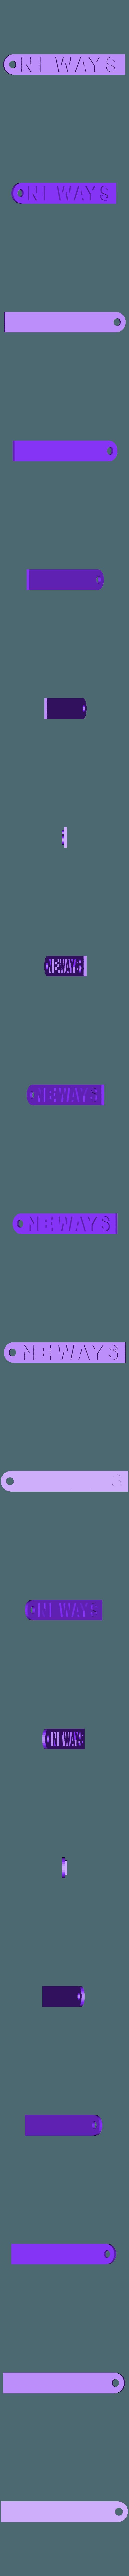 polysoup.stl Télécharger fichier STL gratuit Porte-clés Neways • Objet pour impression 3D, fgeer